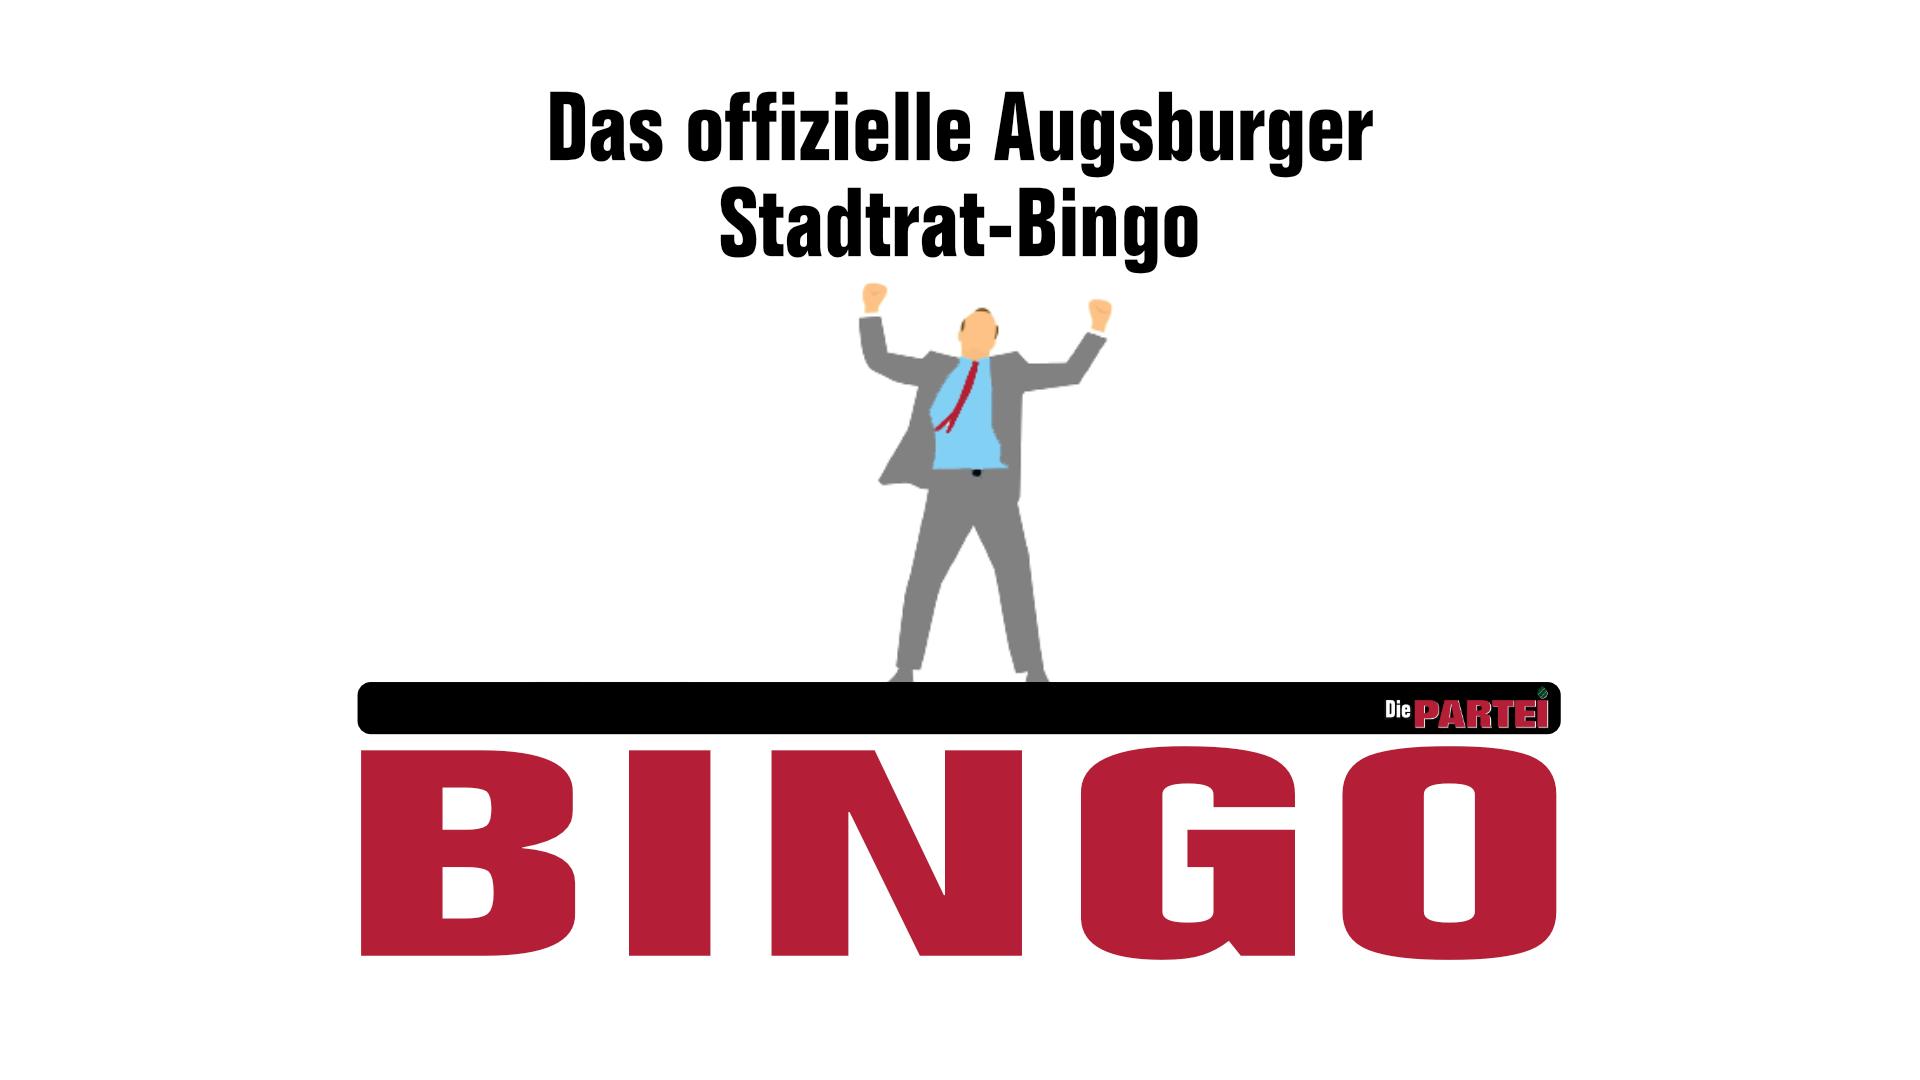 Das offizielle Bingo zur Sitzung am 23. April 2021